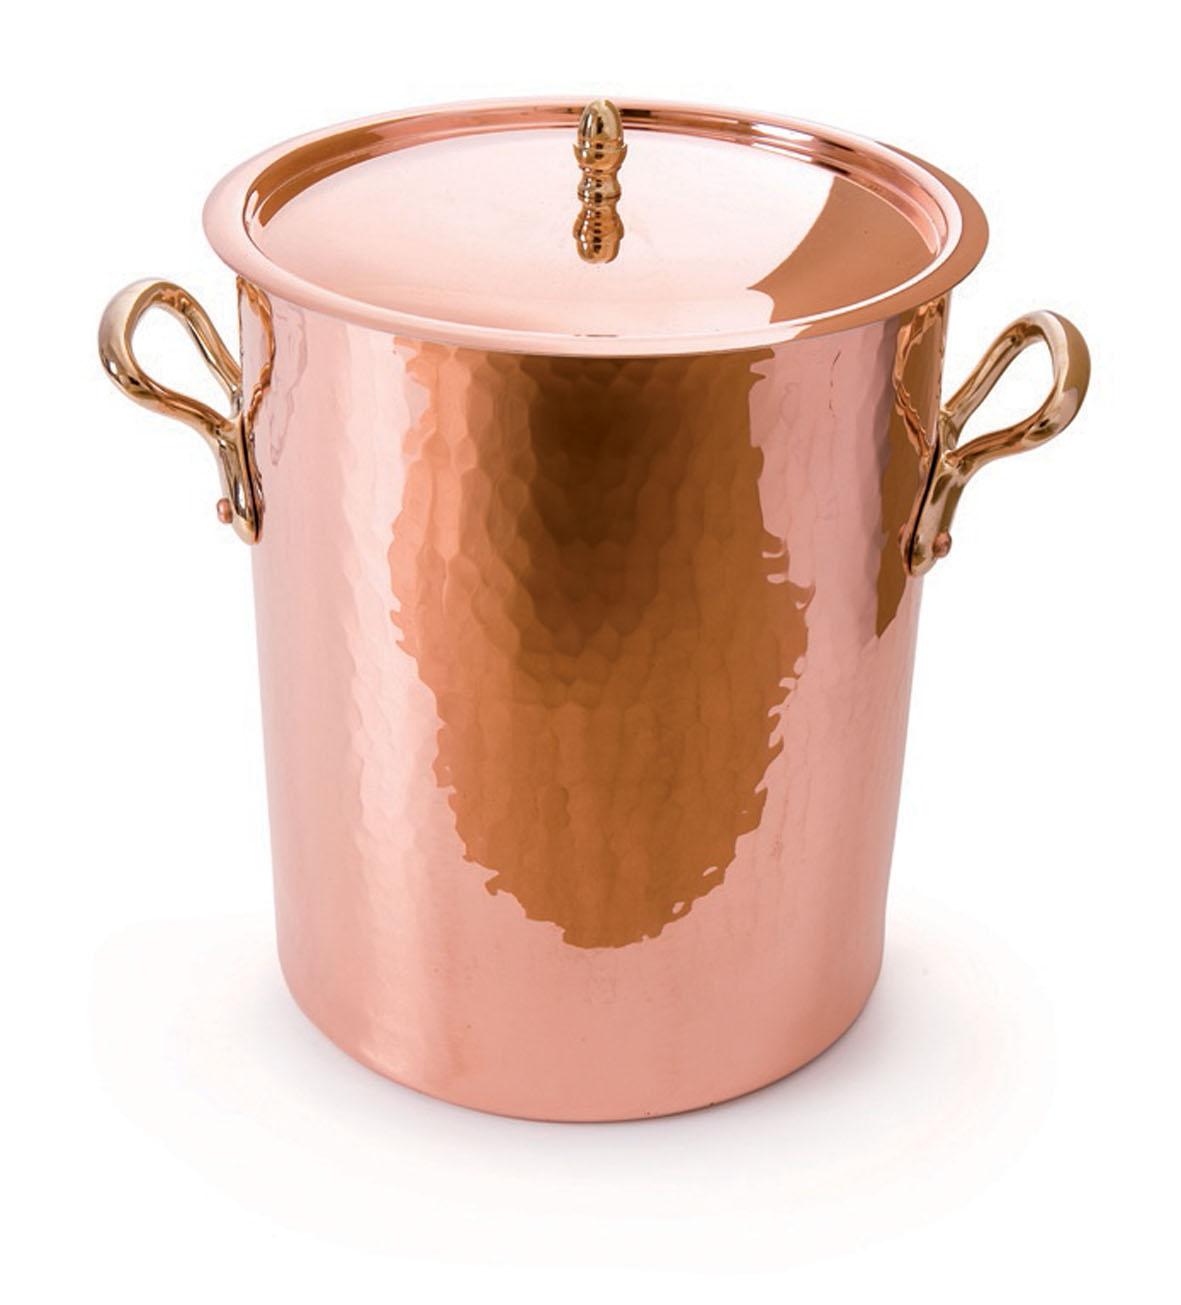 Soup Cooking Pots